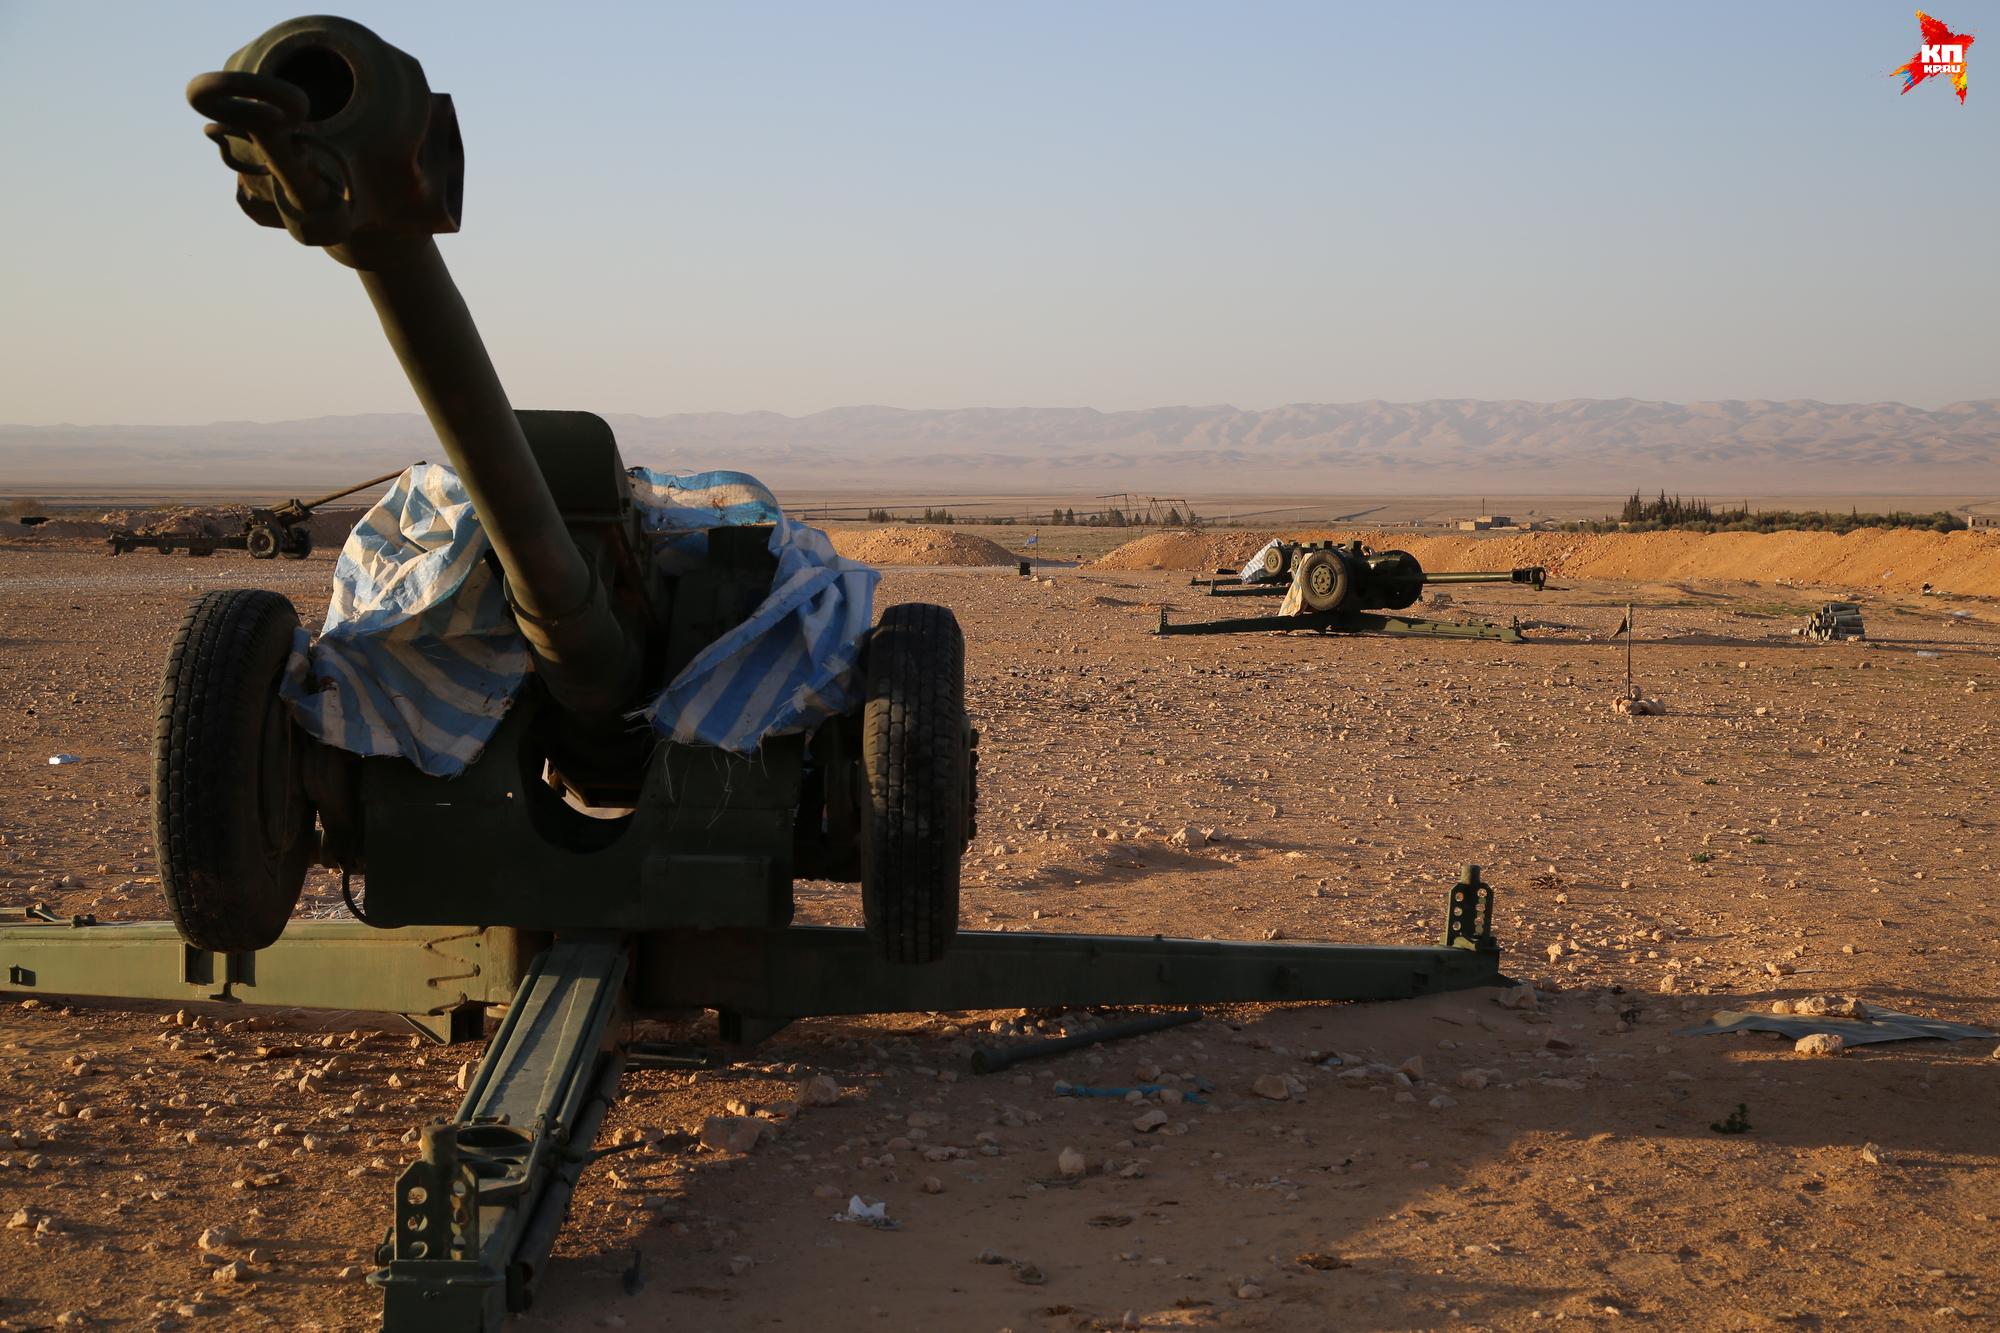 На данный момент боевые действия прекратились в 34 населенных пунктах Сирии. Фото: Александр КОЦ, Дмитрий СТЕШИН